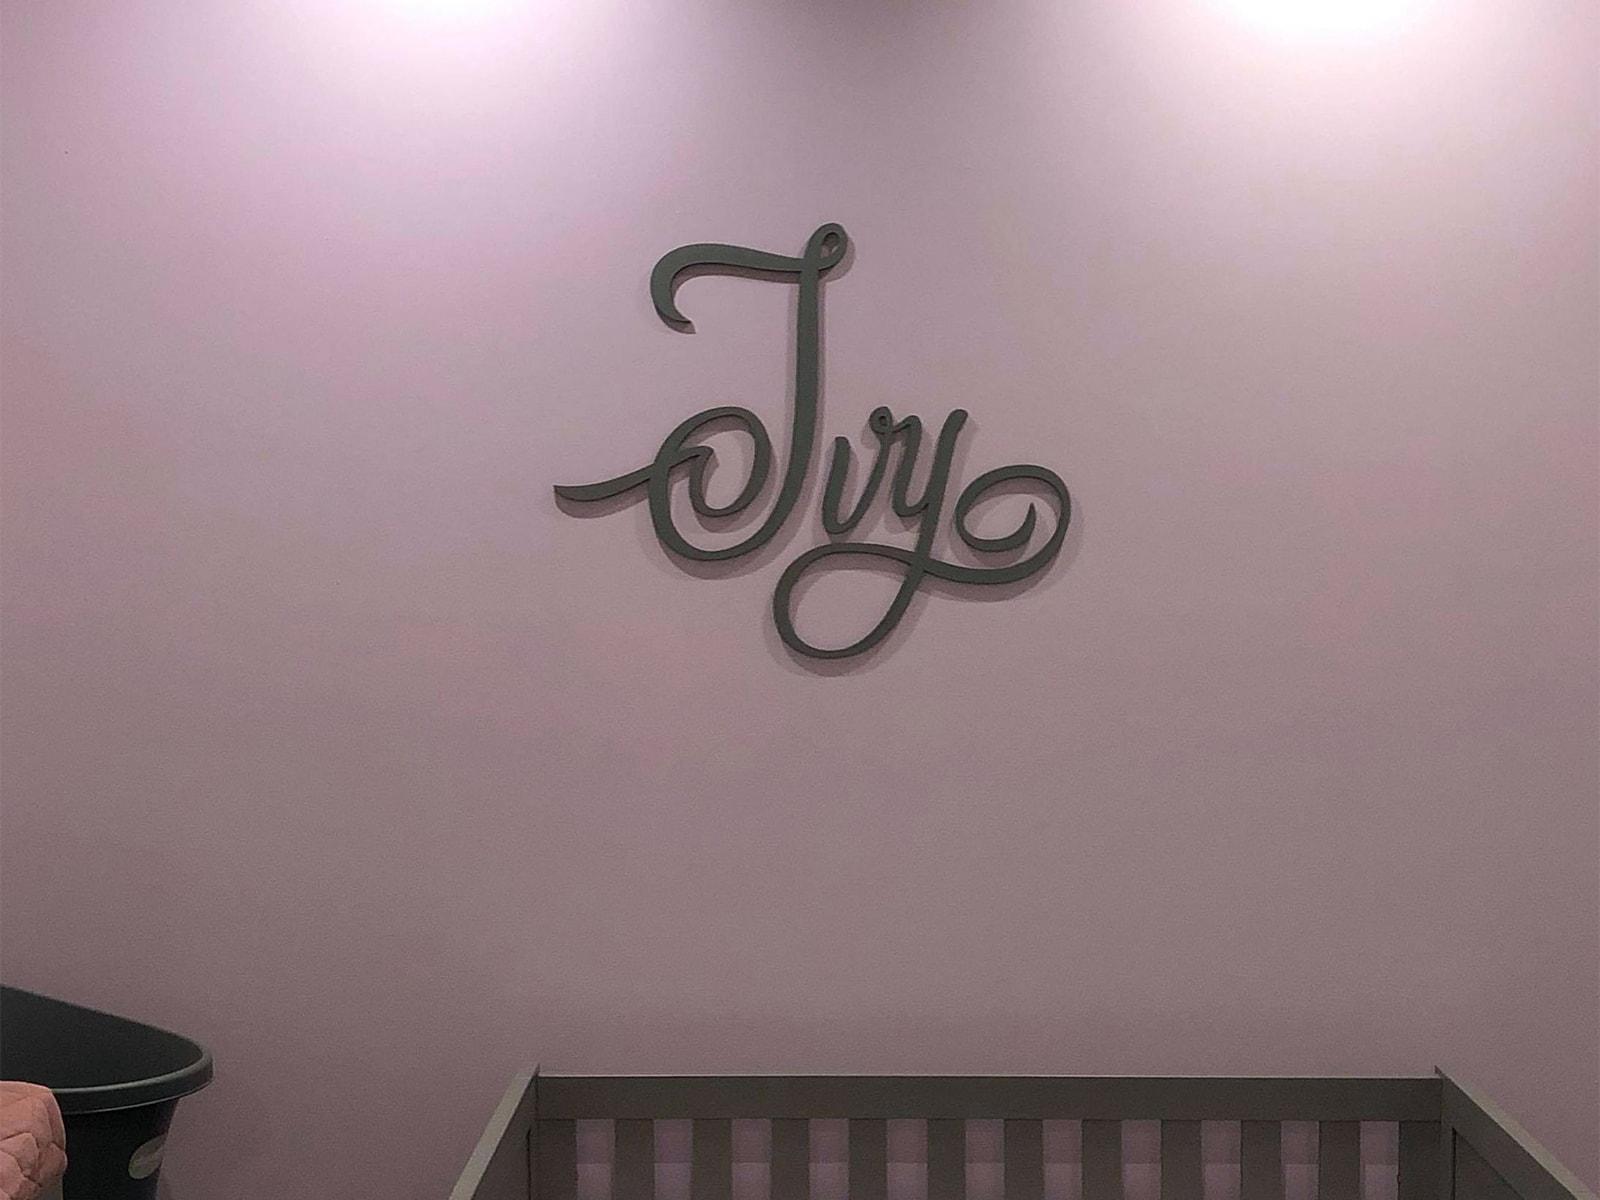 ivy-room-sign-01-min